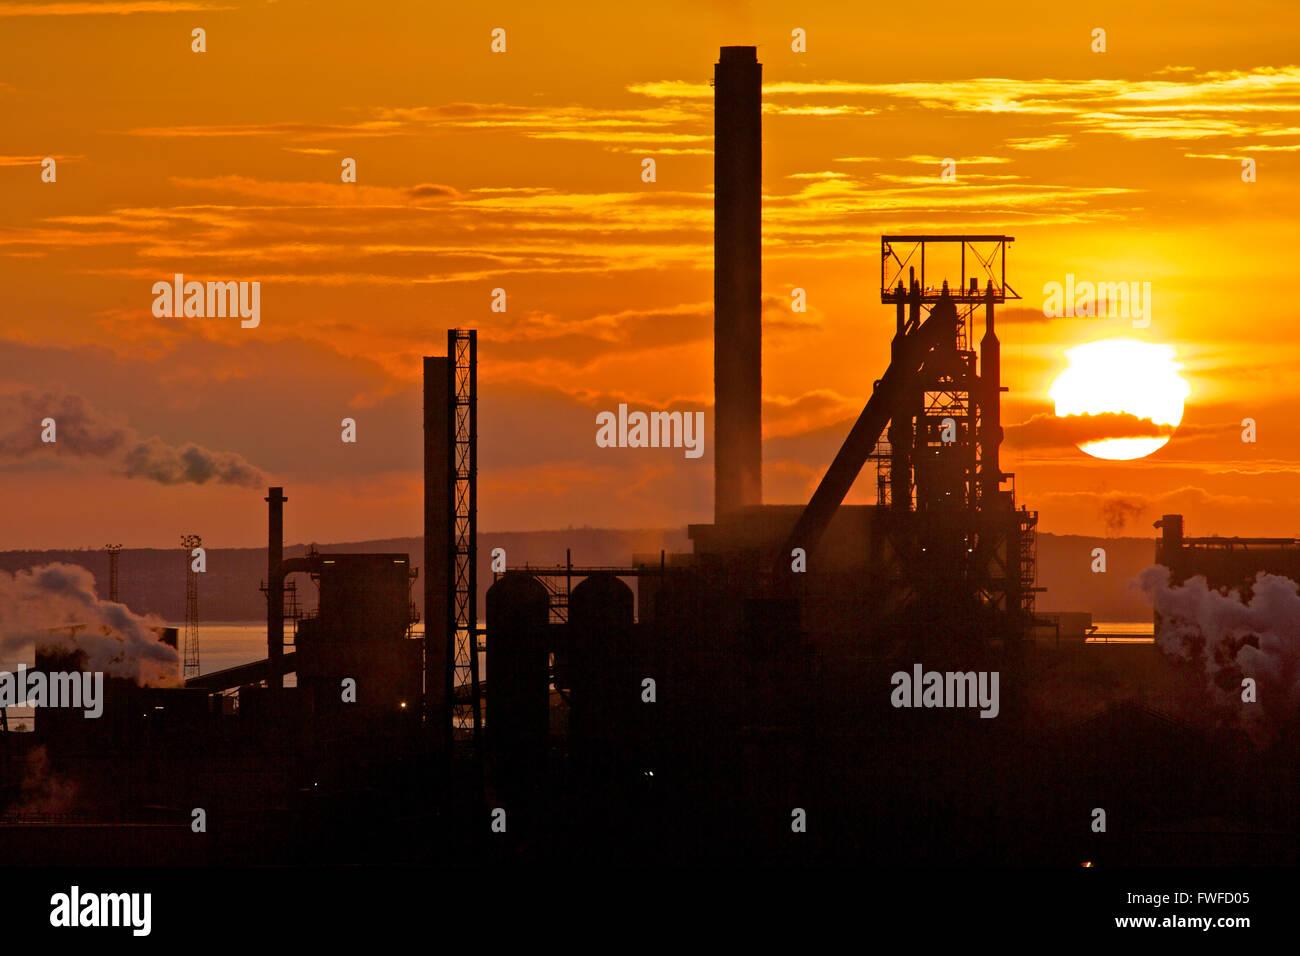 Tata Steel Works, Port Talbot, South Wales, Regno Unito. Il 4 aprile 2016. Sun cubetti oltre Tata Steel Works, Port Talbot, nel Galles del Sud, in un giorno che il governo gallese era nuovamente riunito per discutere della crisi. Oltre 4000 posti di lavoro sono a rischio dopo la Tata Steel ha annunciato che è intenzione della scorsa settimana a vendere è acciaio siti di lavoro in tutto il Regno Unito. Credito: Haydn Denman/Alamy Live News Foto Stock